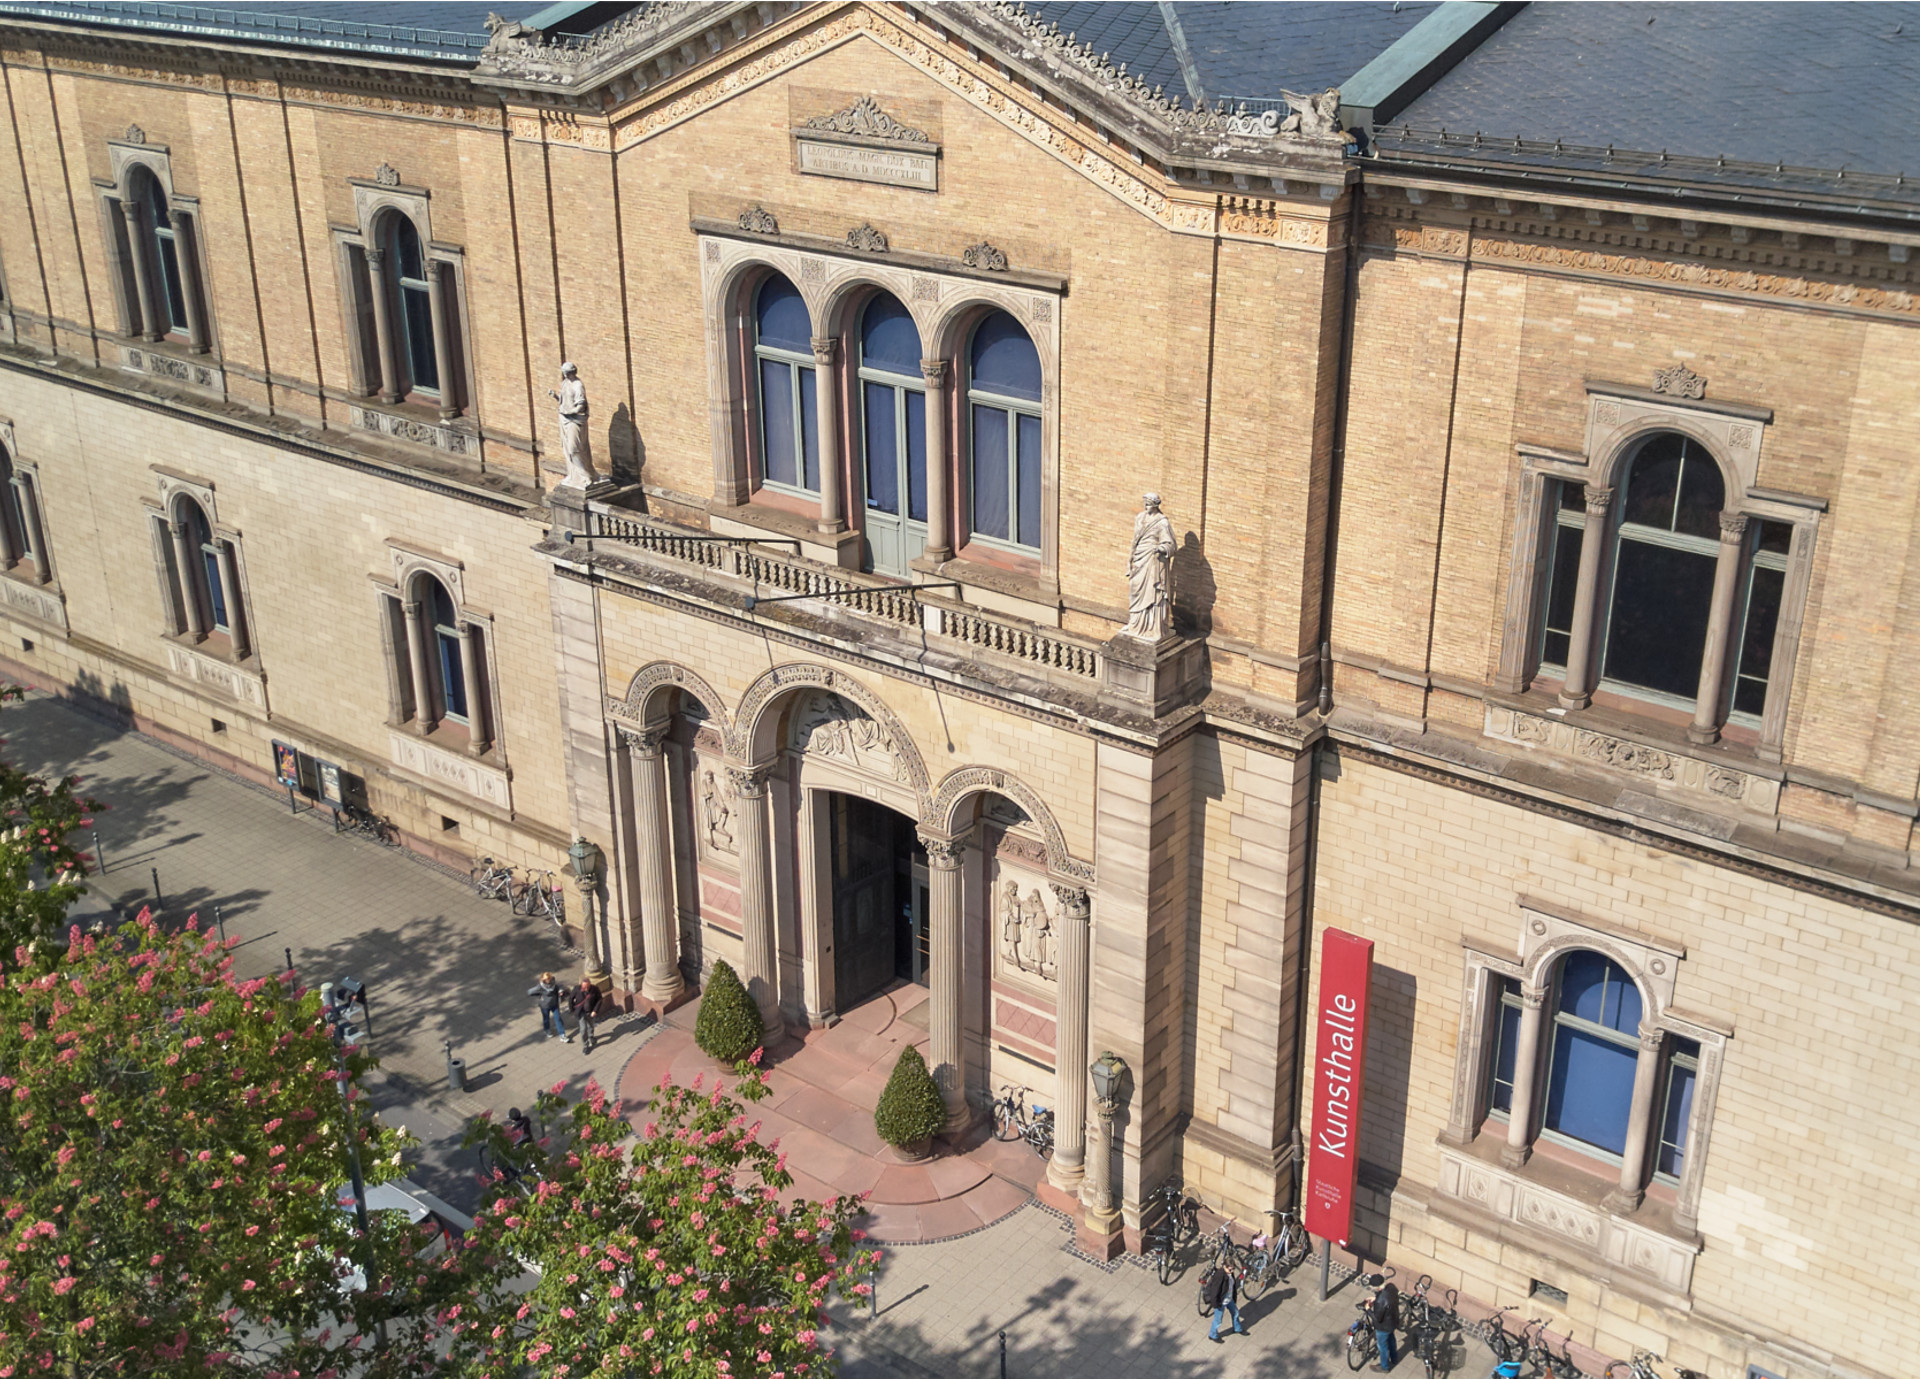 kunsthalle mannheim öffnungszeiten